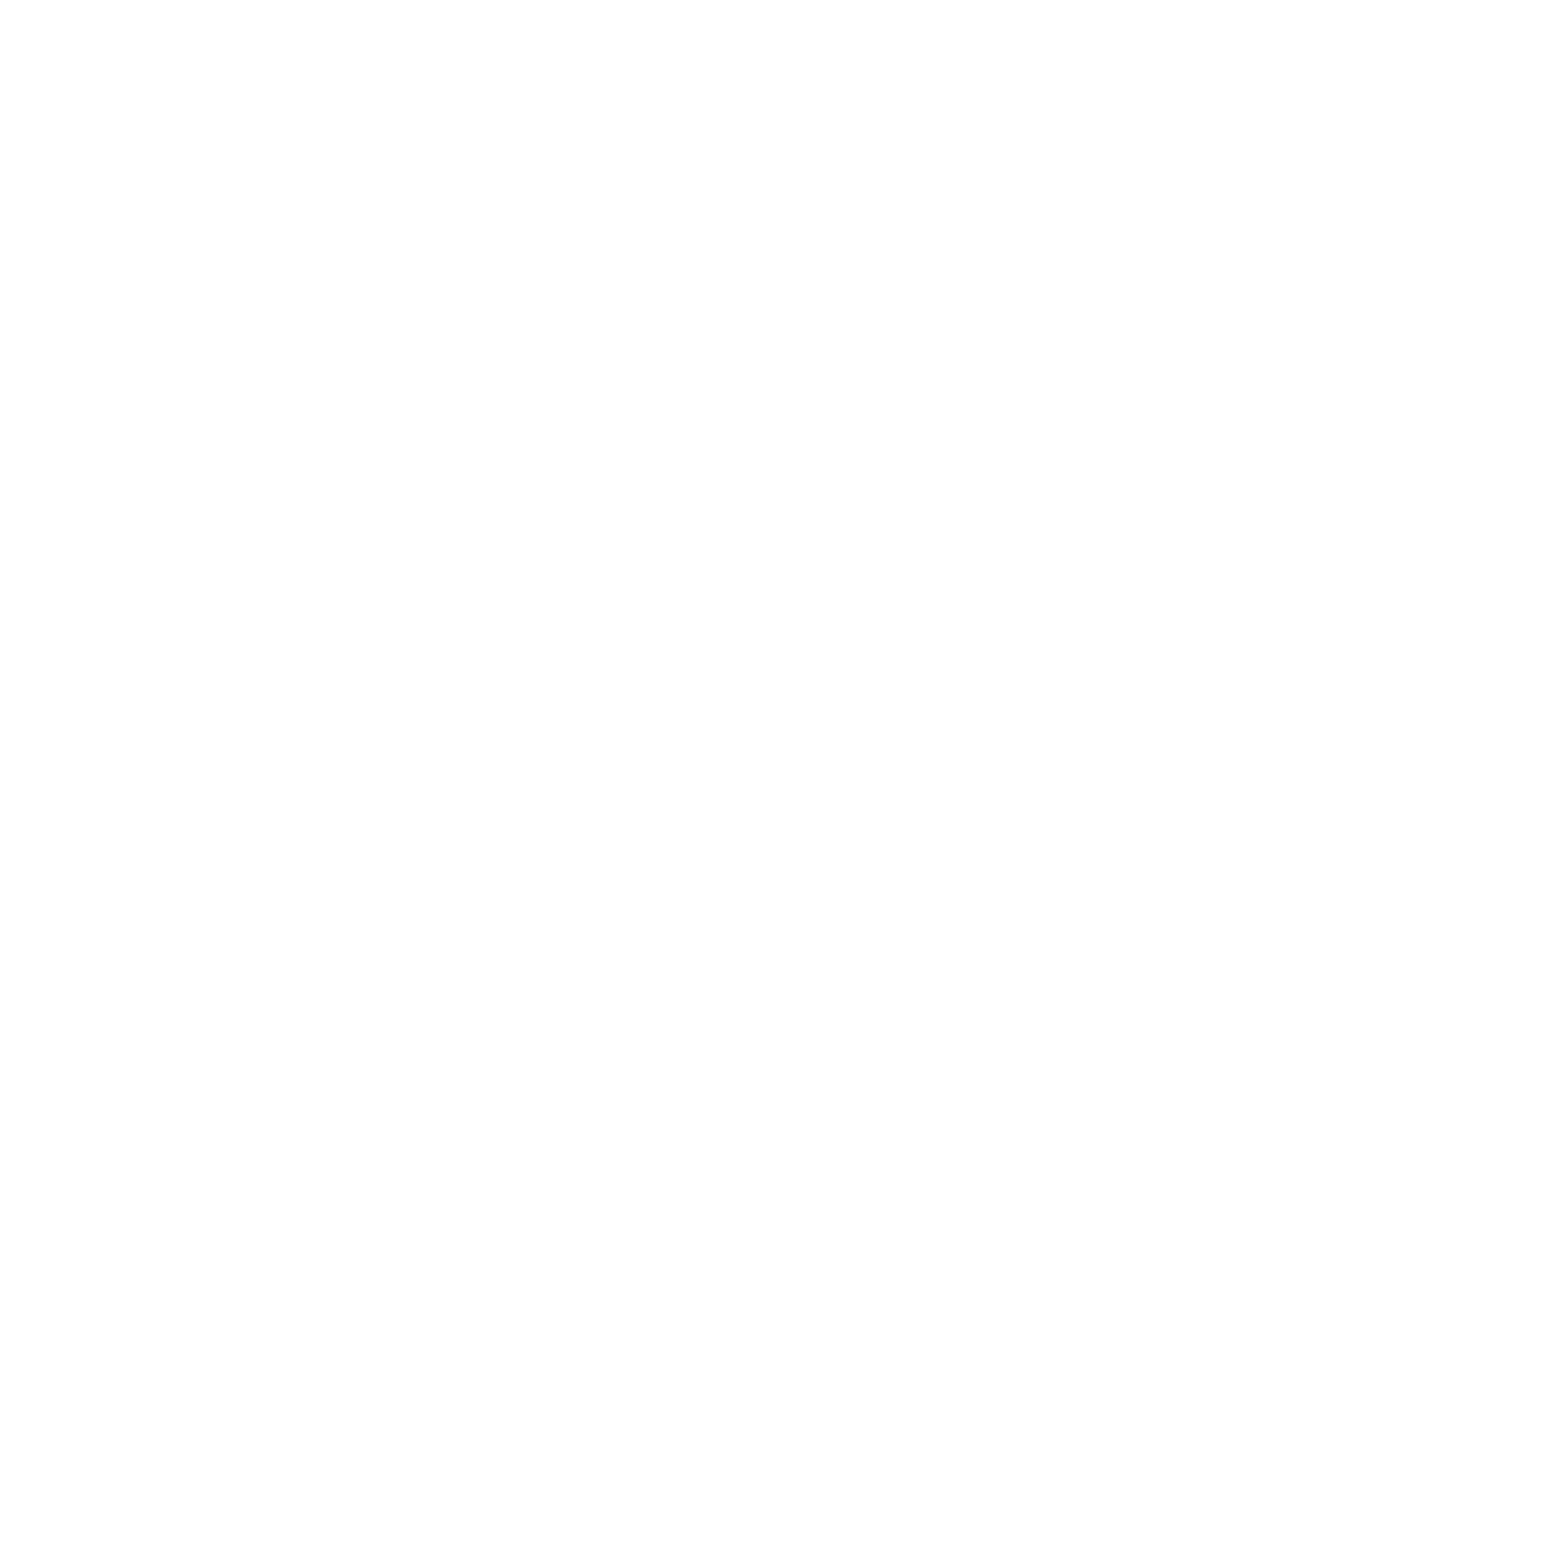 Workshop icone - Prototype